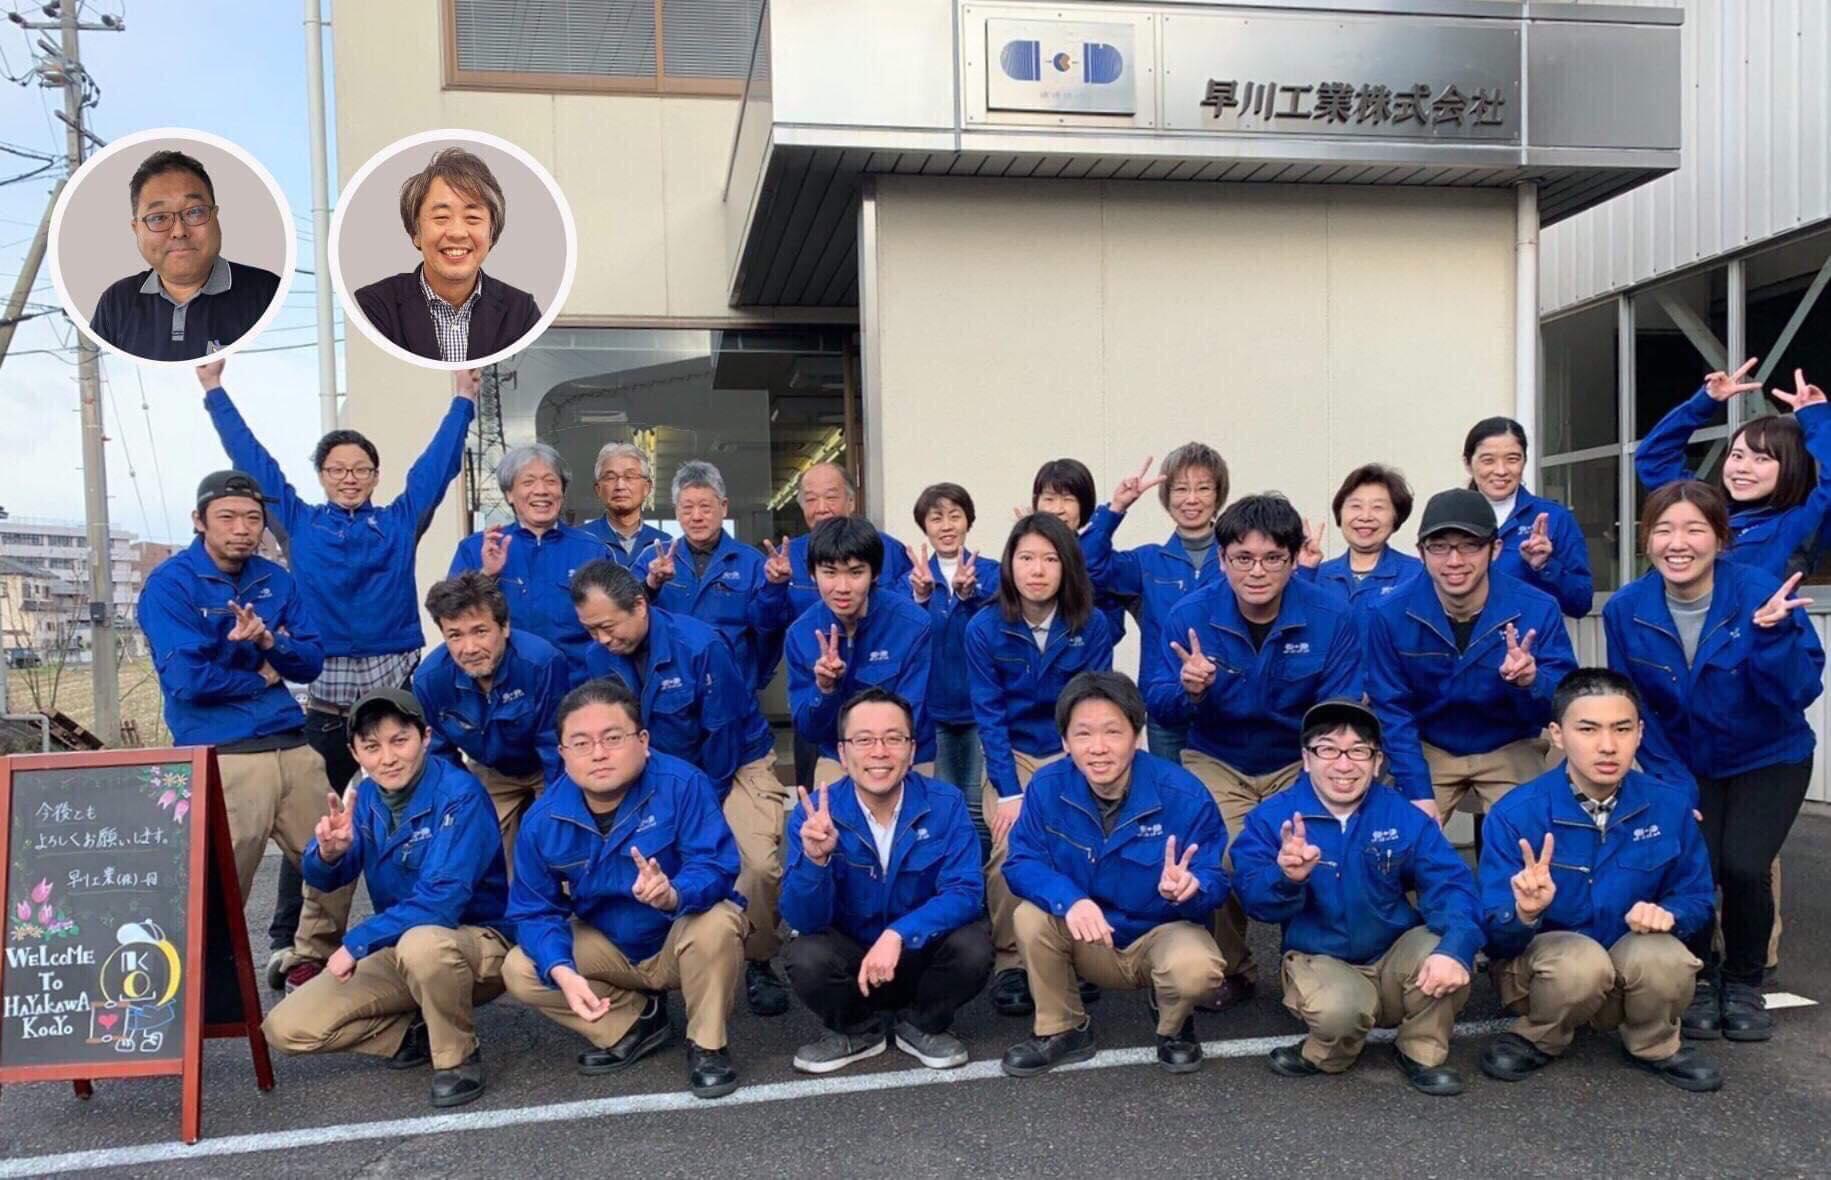 早川工業 株式会社